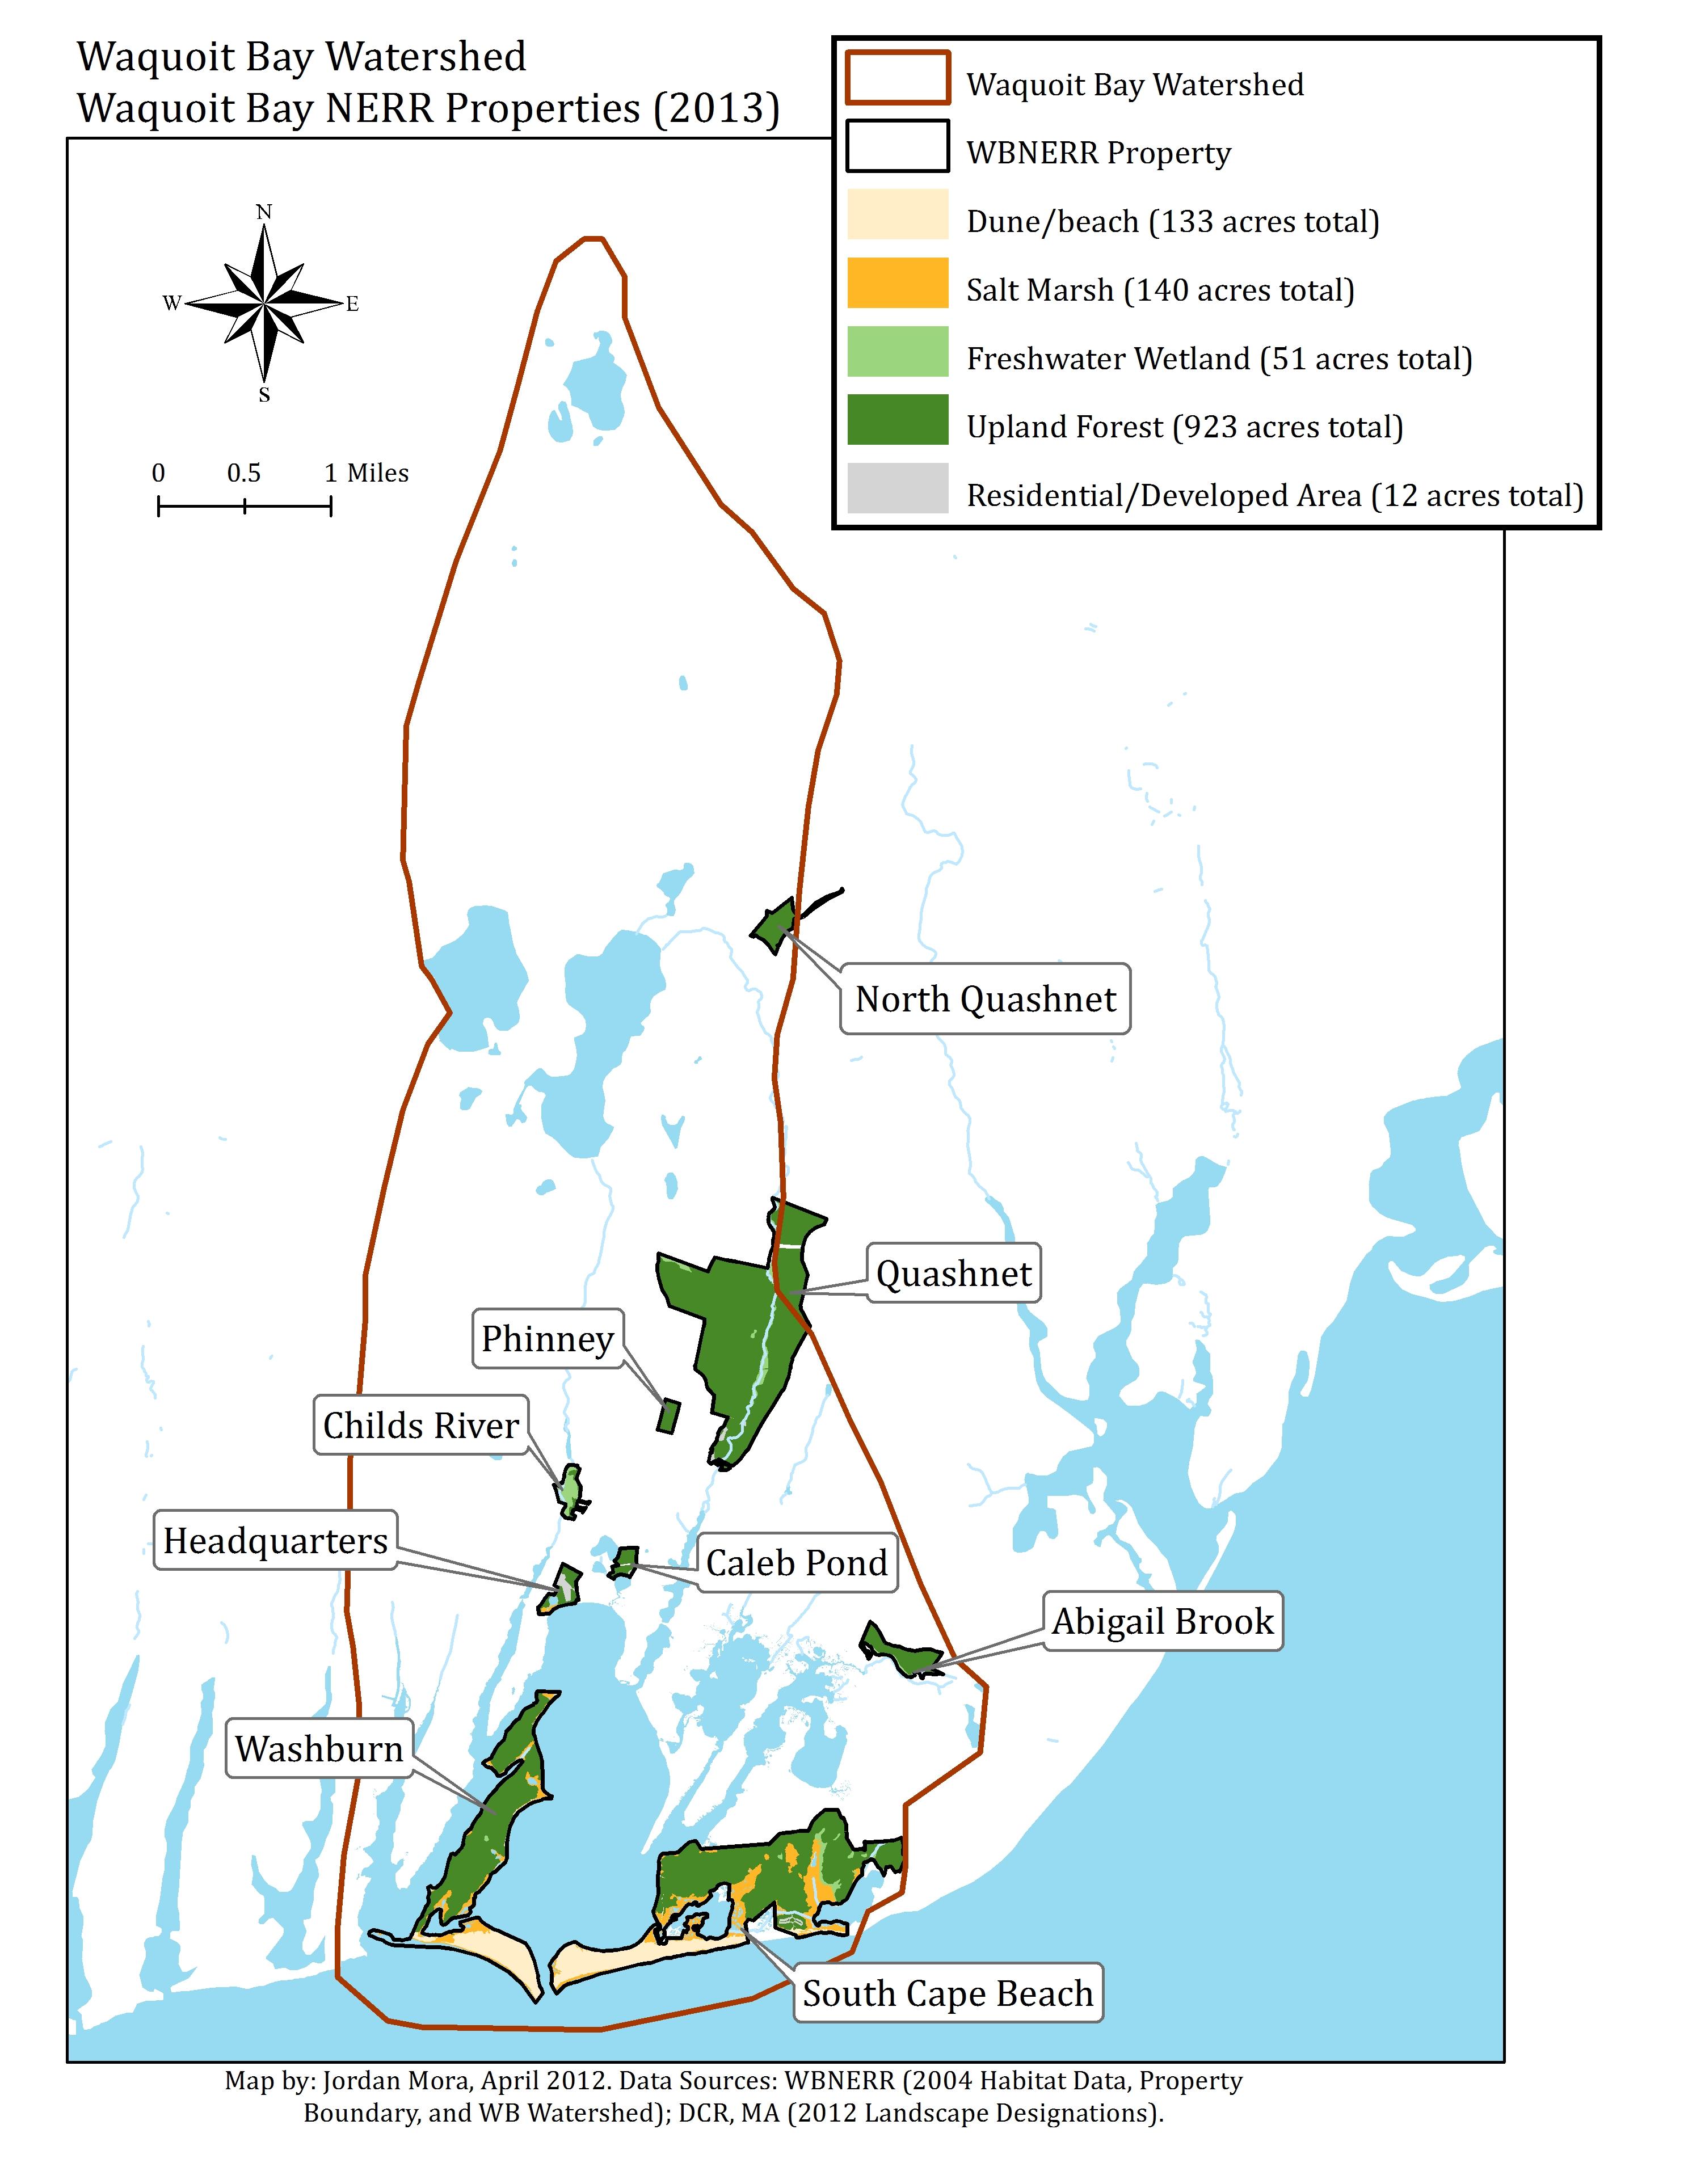 Land Acquisition - Map us land acquisitions